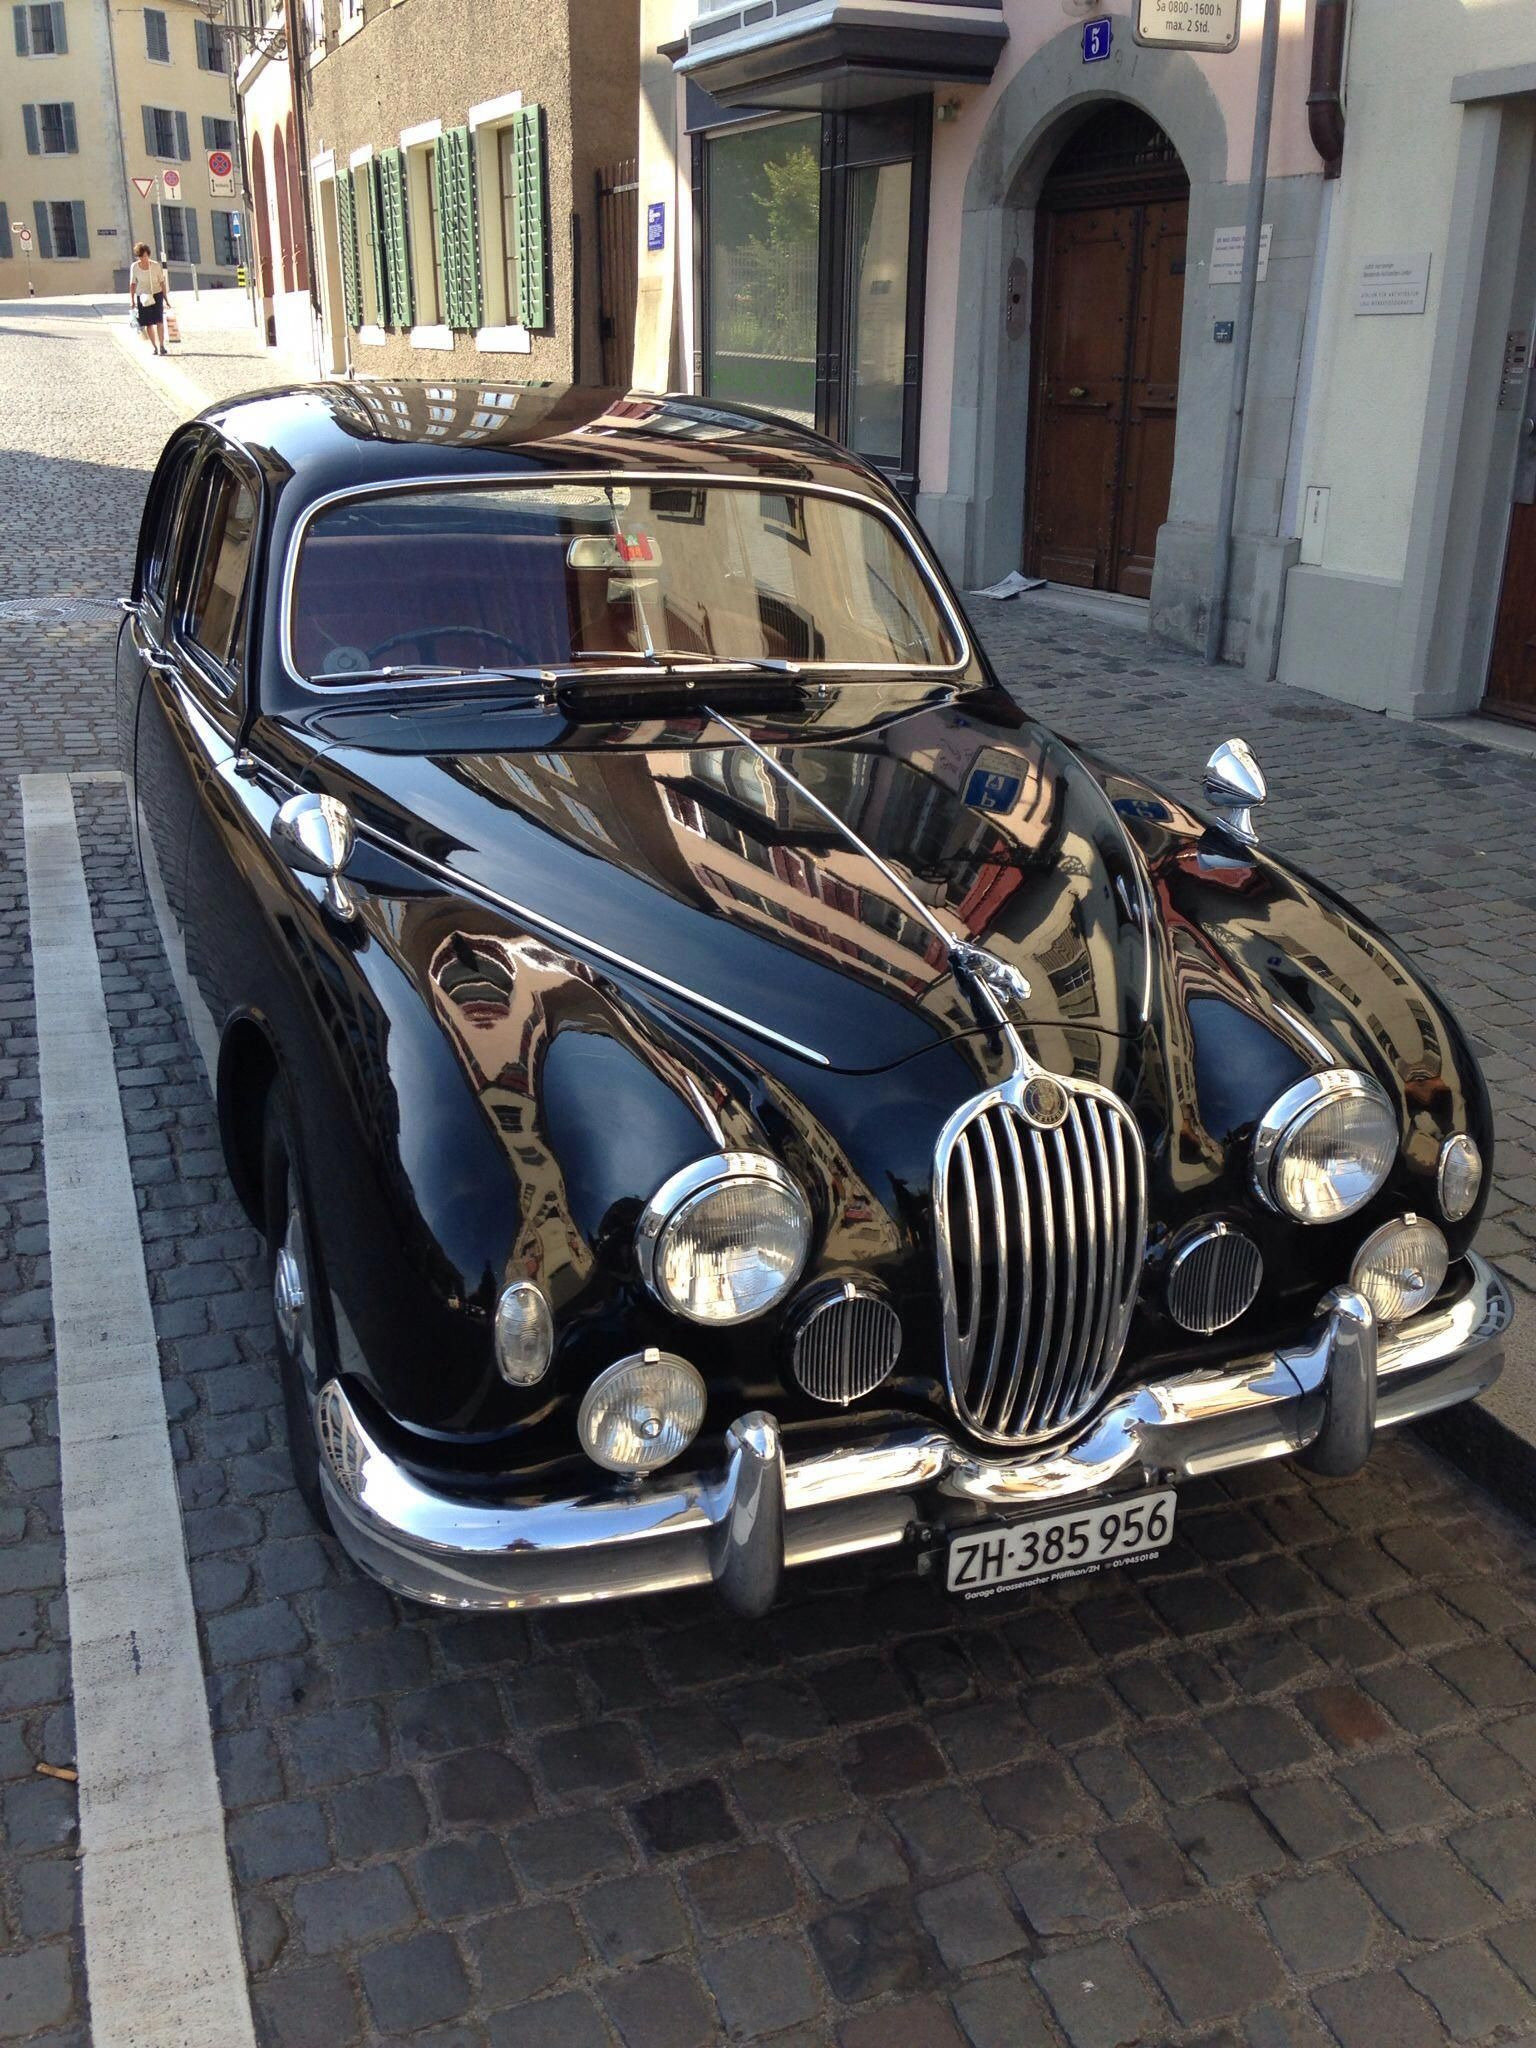 Jaguar Classic Cars For Sale In Sri Lanka Jaguarclassiccars Classic Cars Jaguar Car Retro Cars